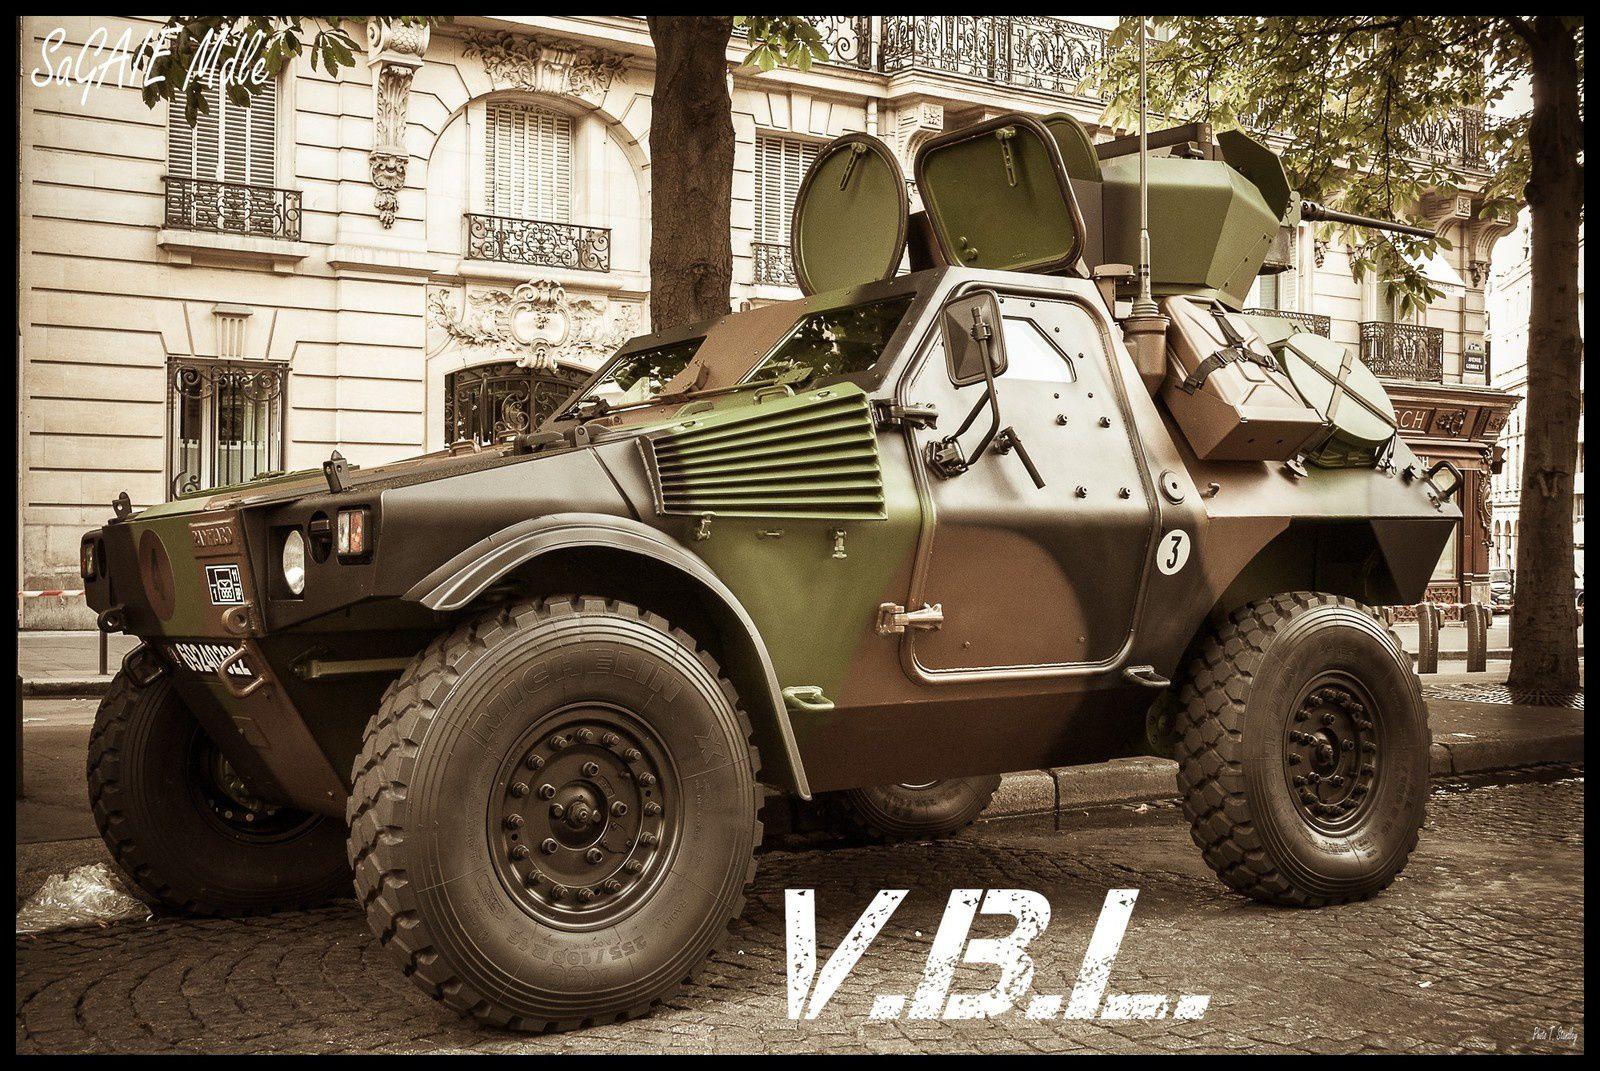 V.B.L. et V.B.2L.